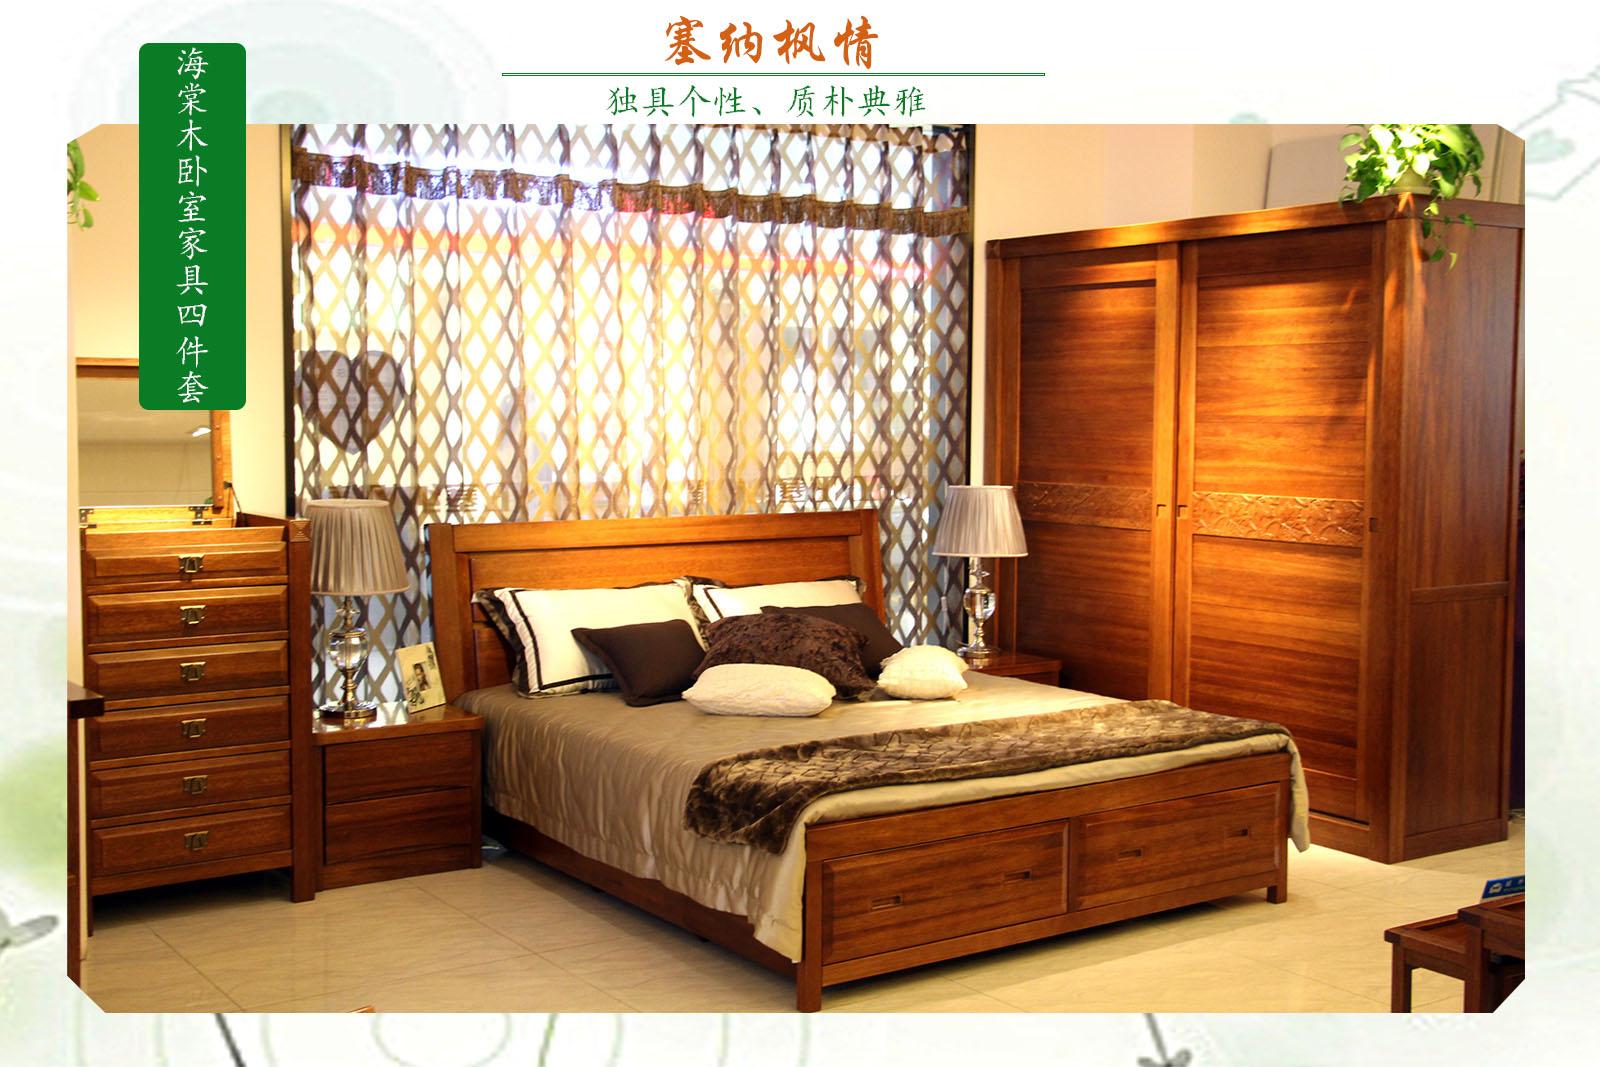 海棠木卧室家具四件套枫叶装饰自然清新